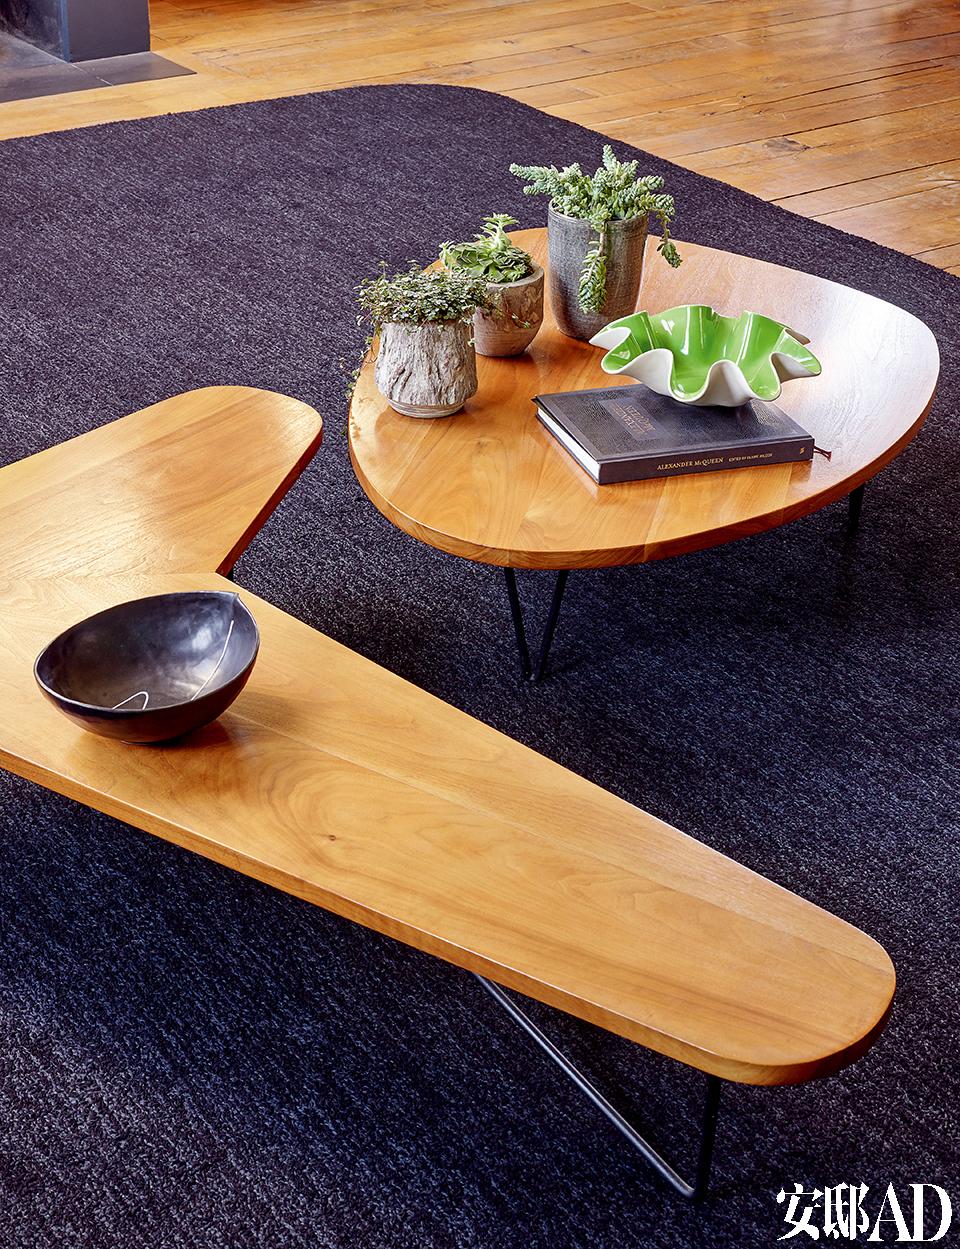 自由造型的咖啡桌是美国设计师Luther Conover的作品,如今已经非常罕见,Florence Lopez从一位收藏家处购回。